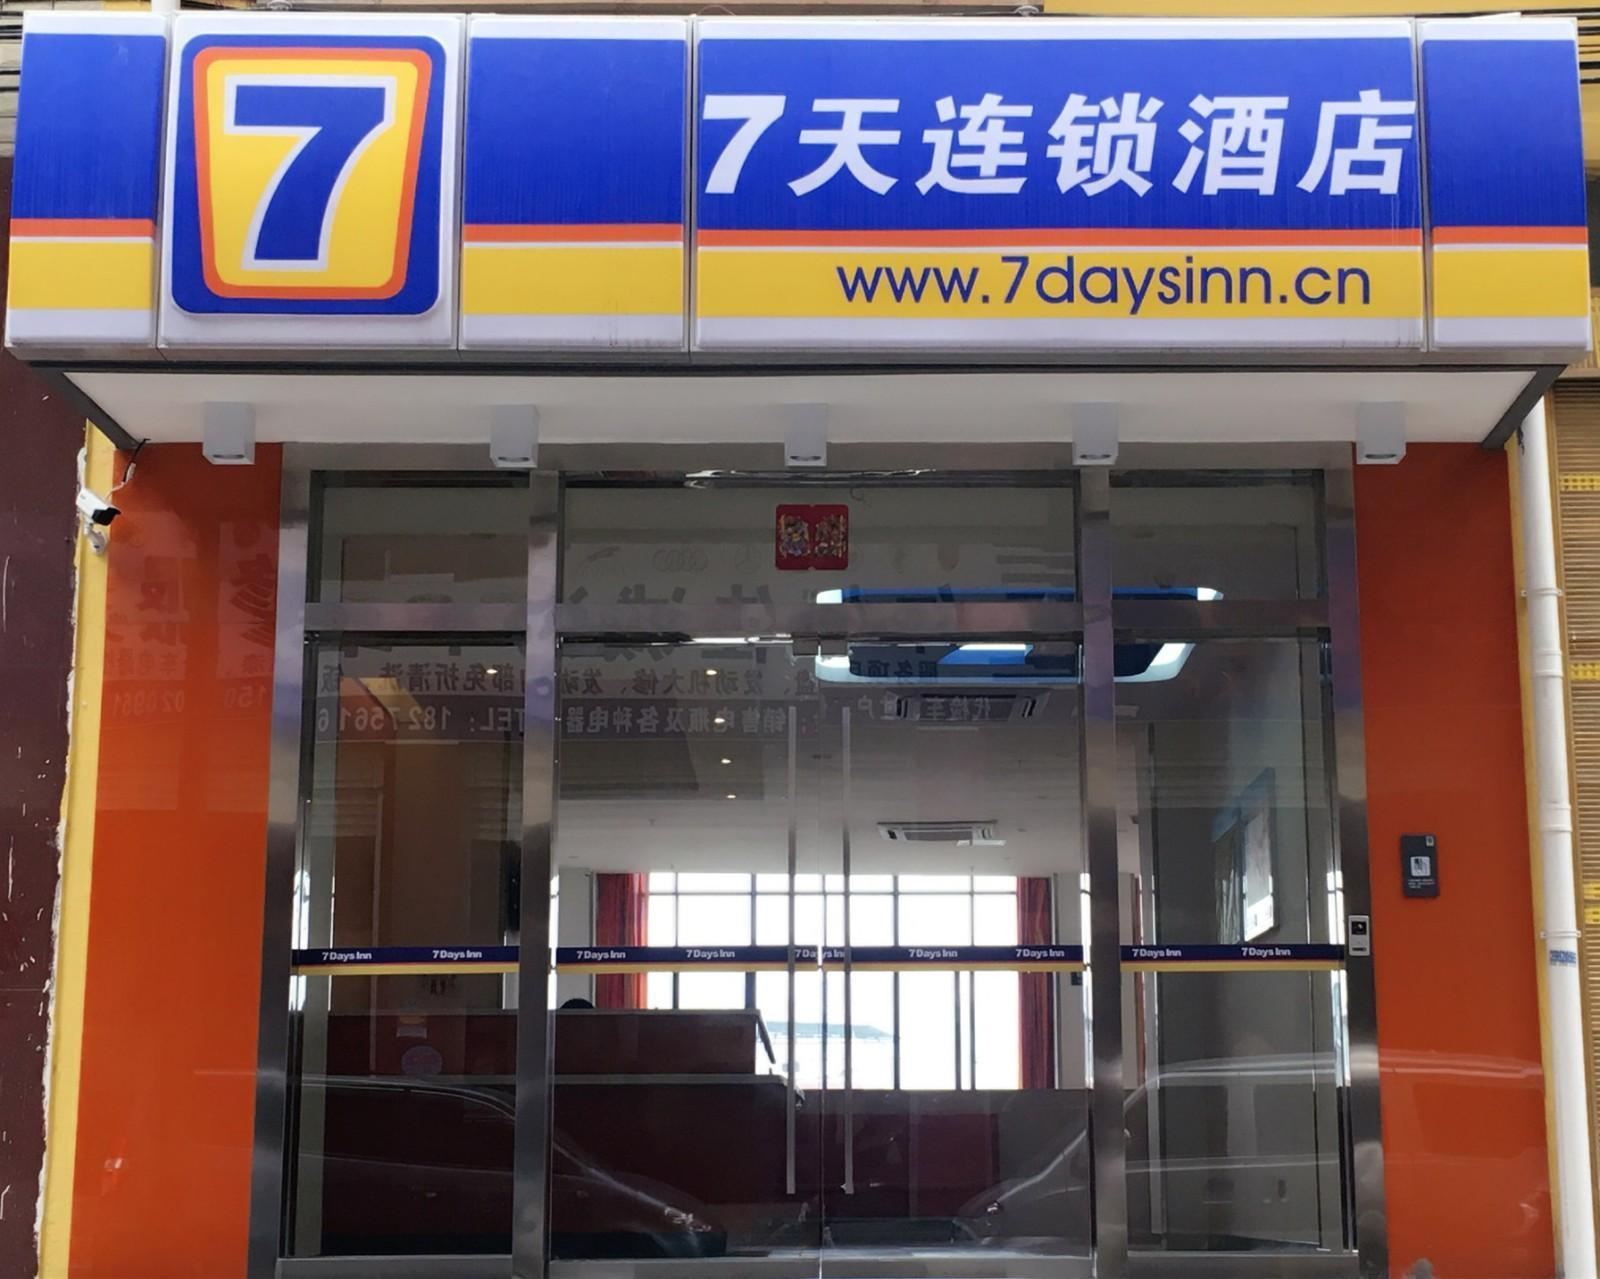 7 Days InnZunyi Renhuai Municipal Government